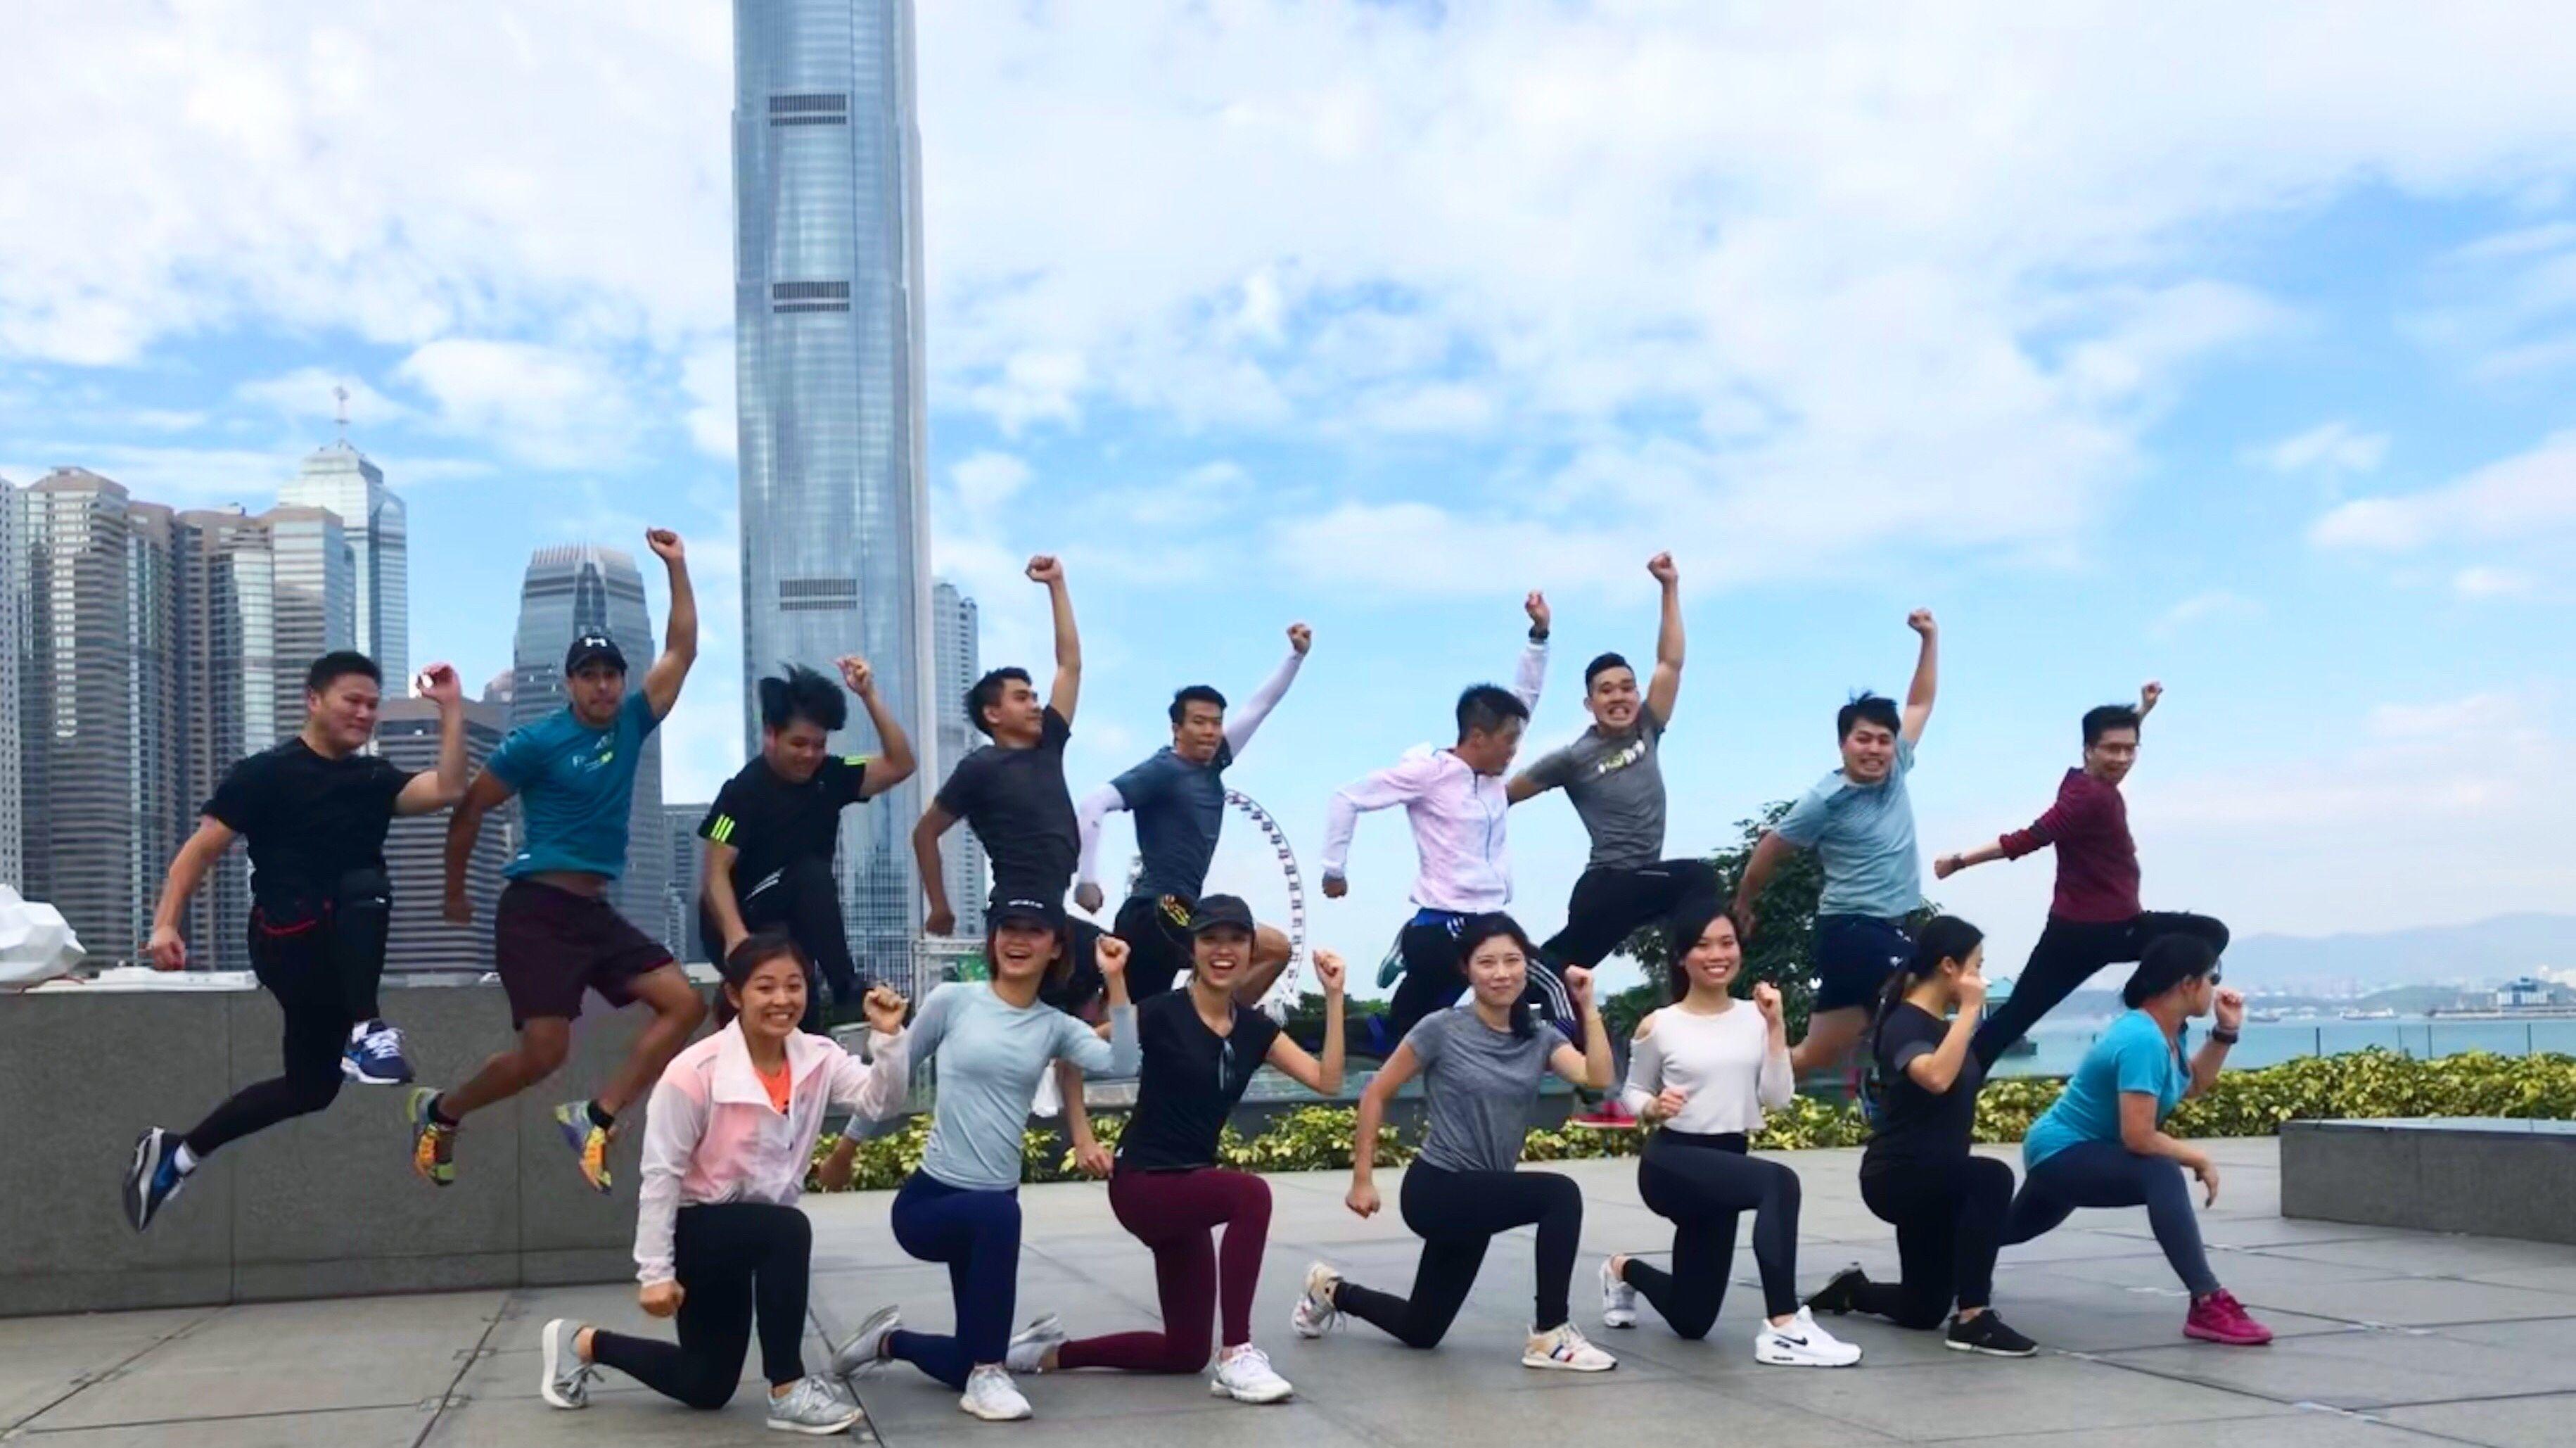 COMFIT CLUB HK Workout Community